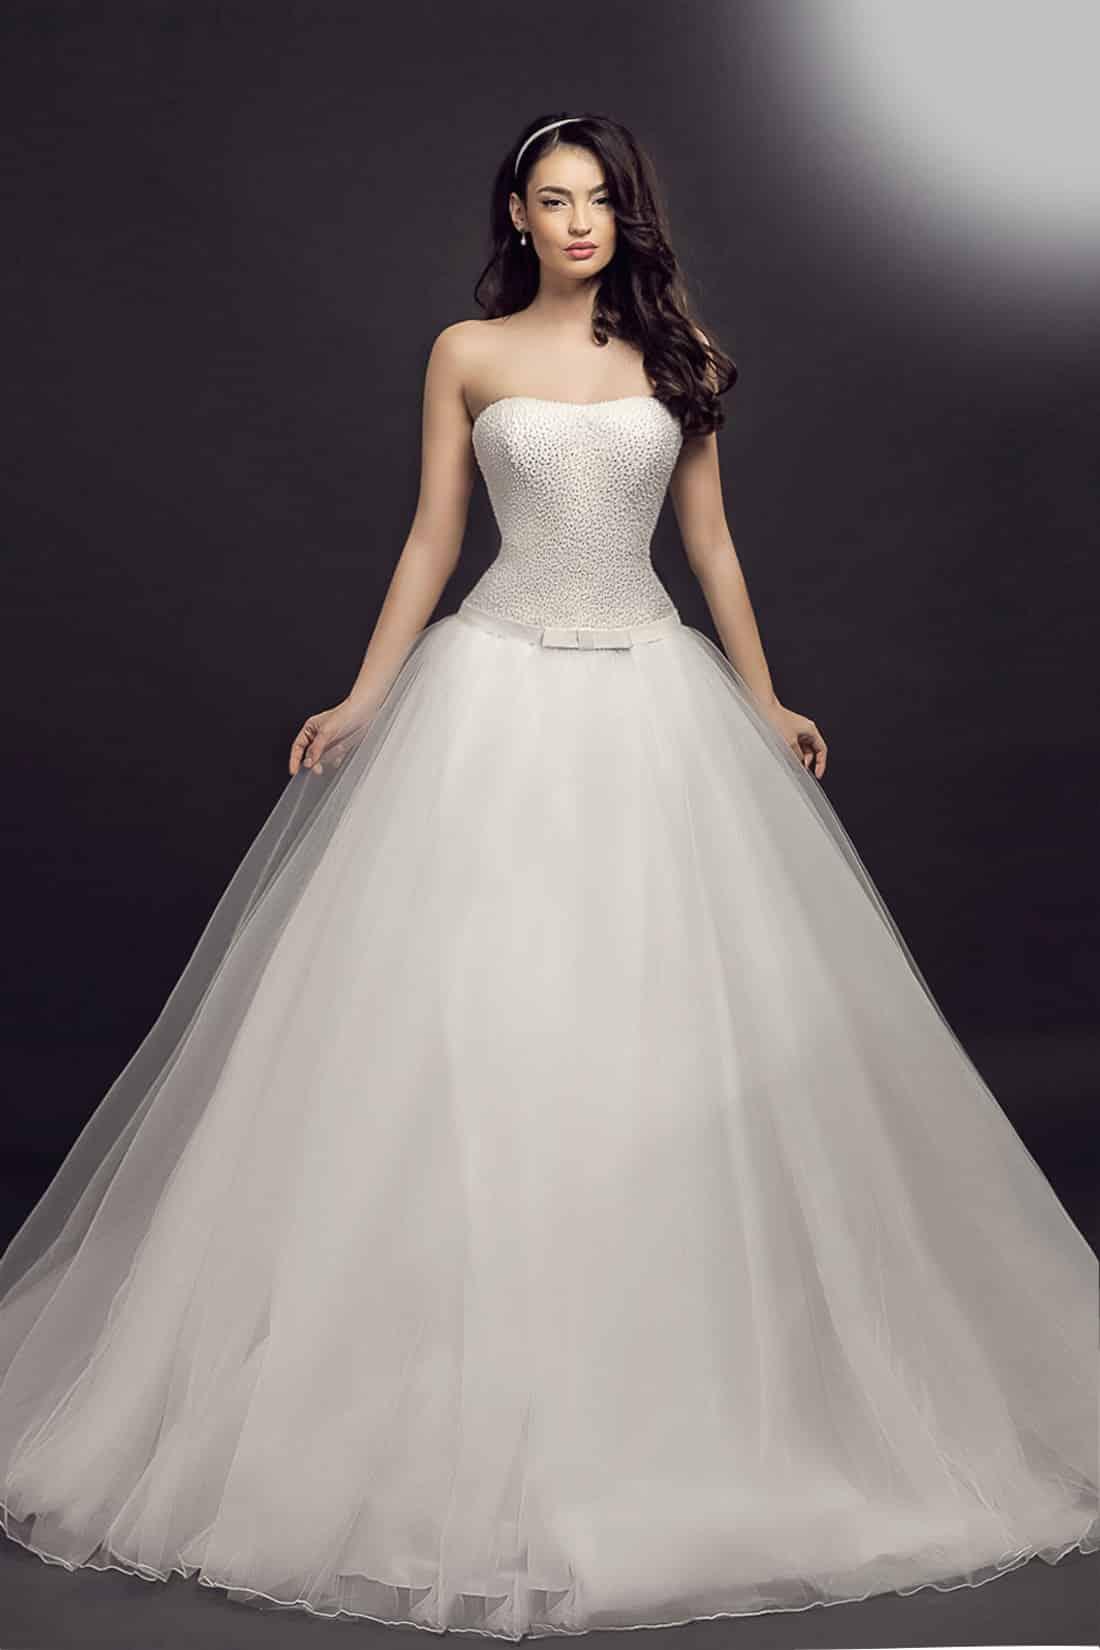 Rochie de mireasa Princess Model - Colectia Dreams - Adora Sposa